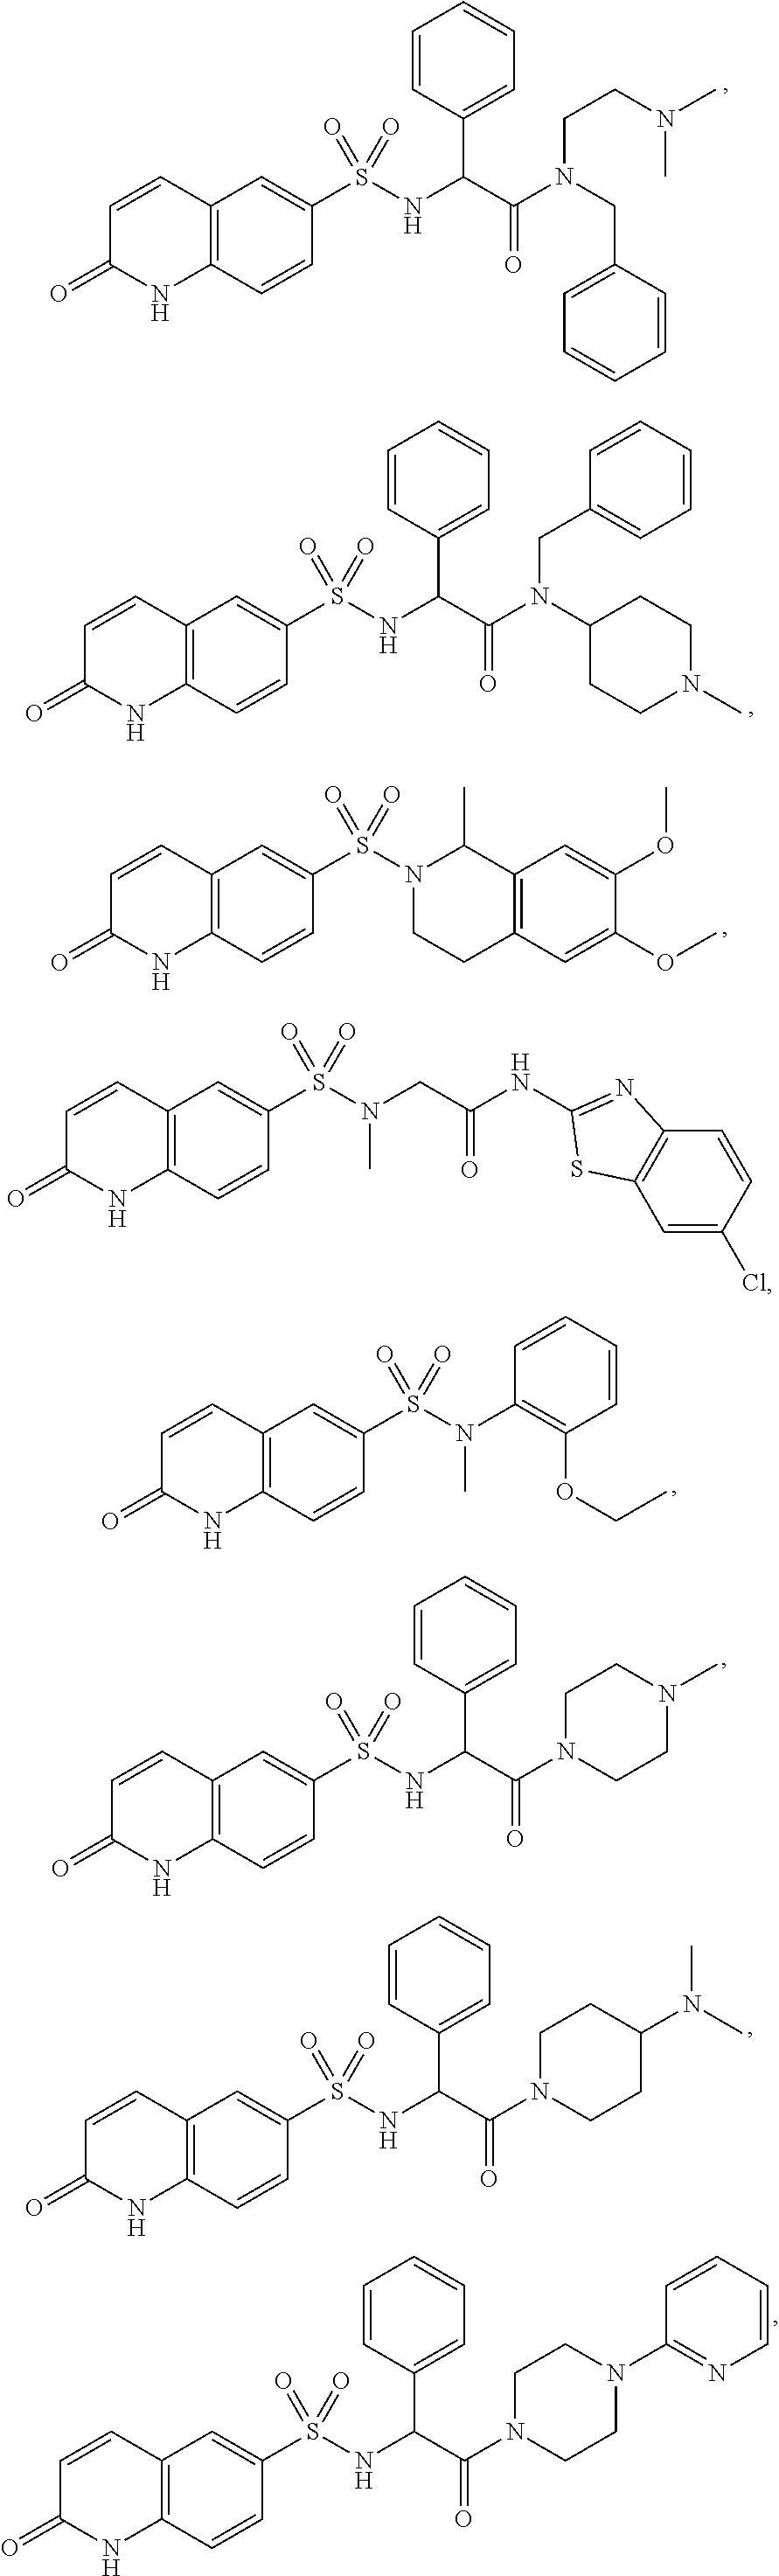 Figure US08957075-20150217-C00060